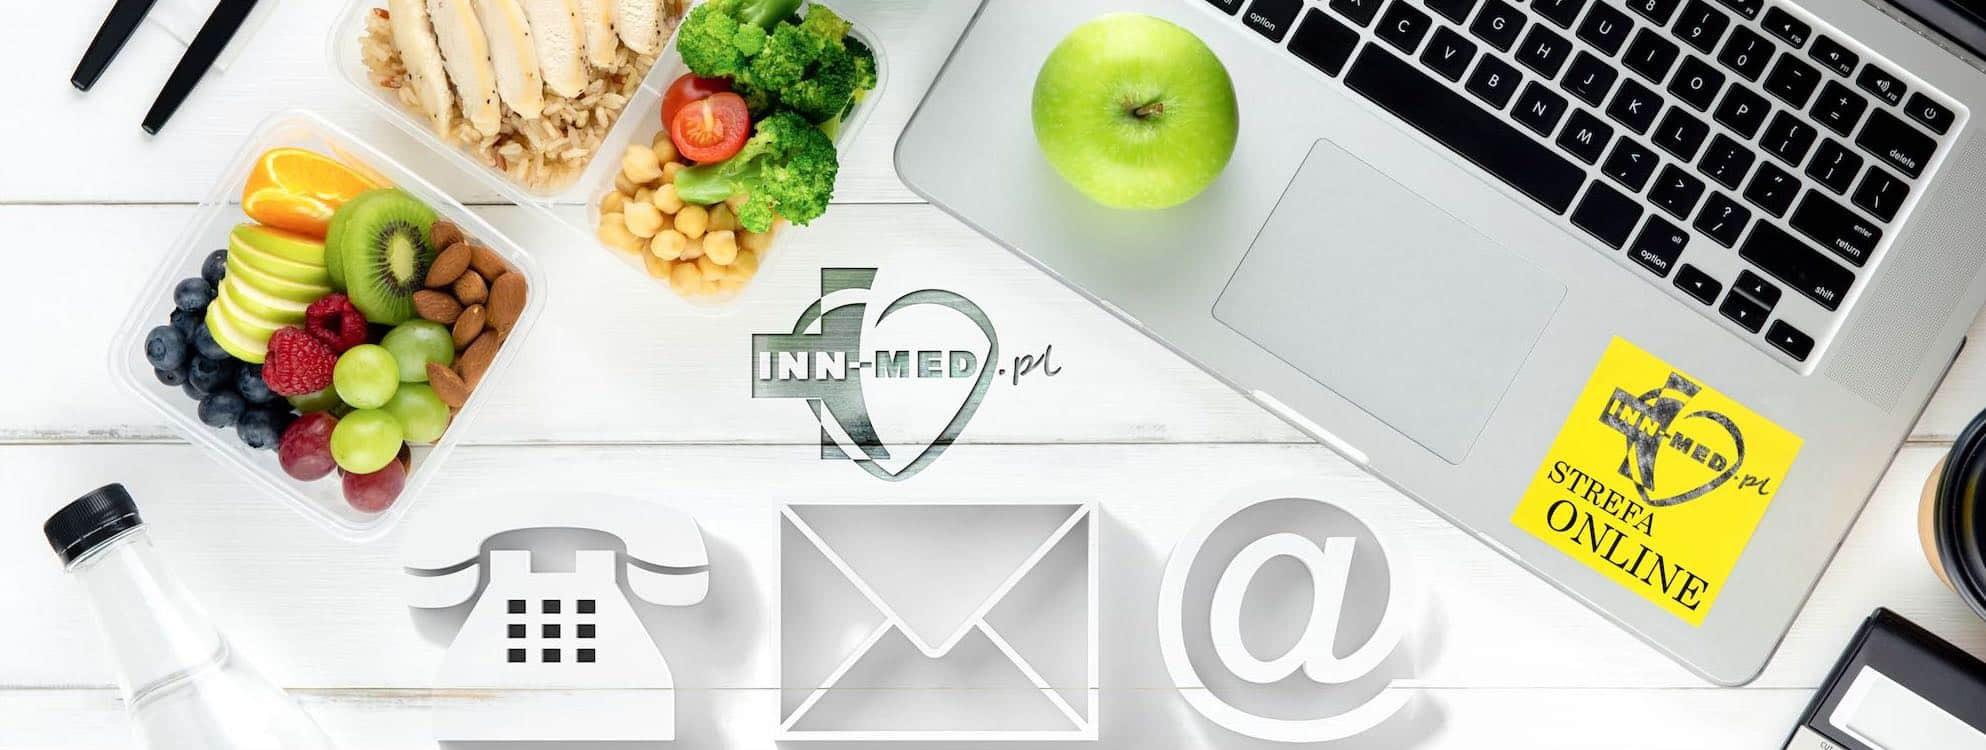 Health Inn Med Strefa online